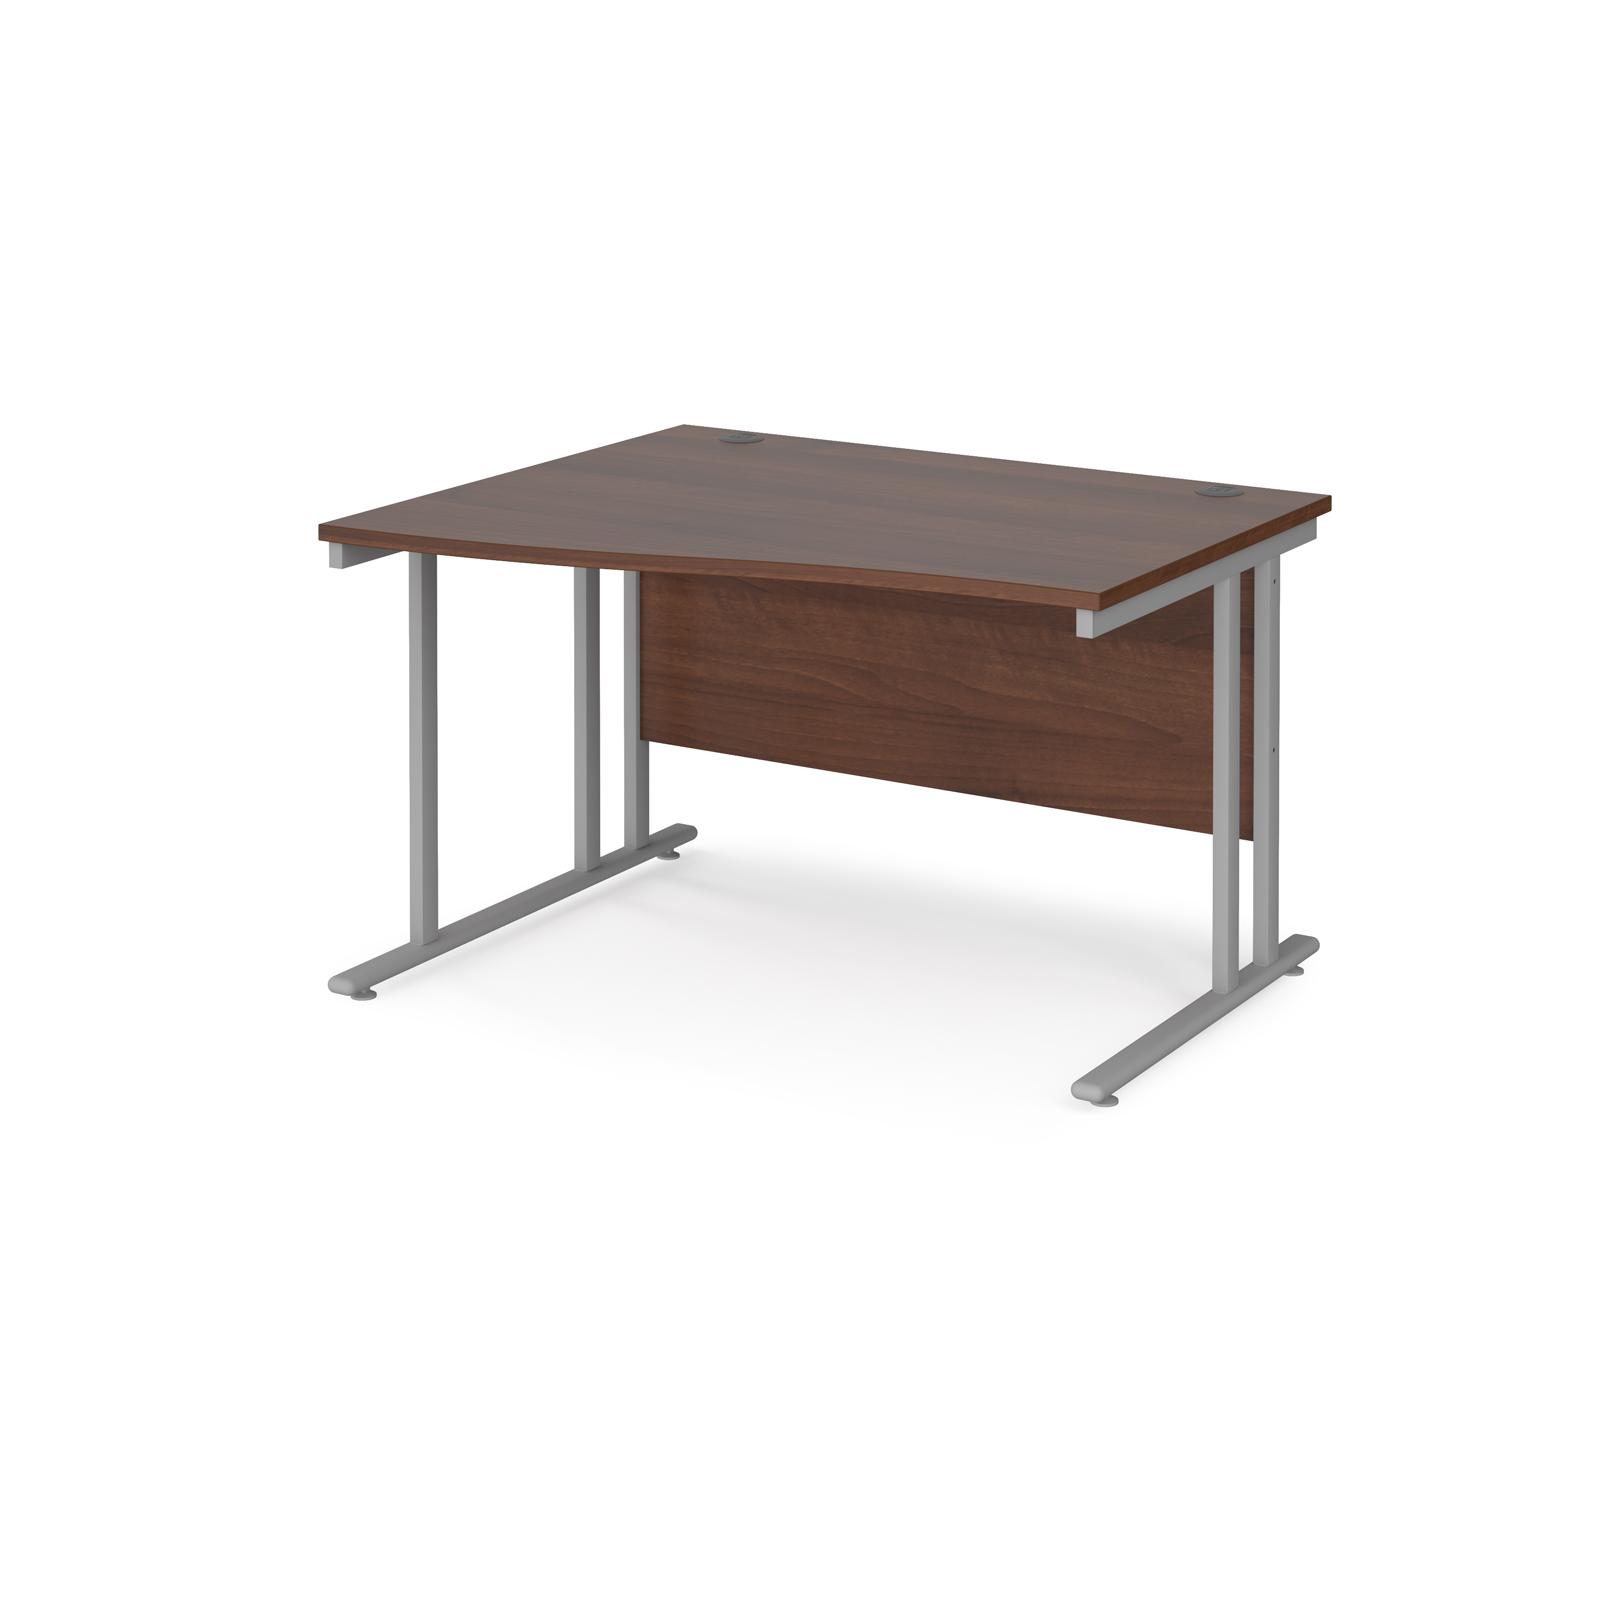 Left Handed Maestro 25 left hand wave desk 1200mm wide - silver cantilever leg frame, walnut top